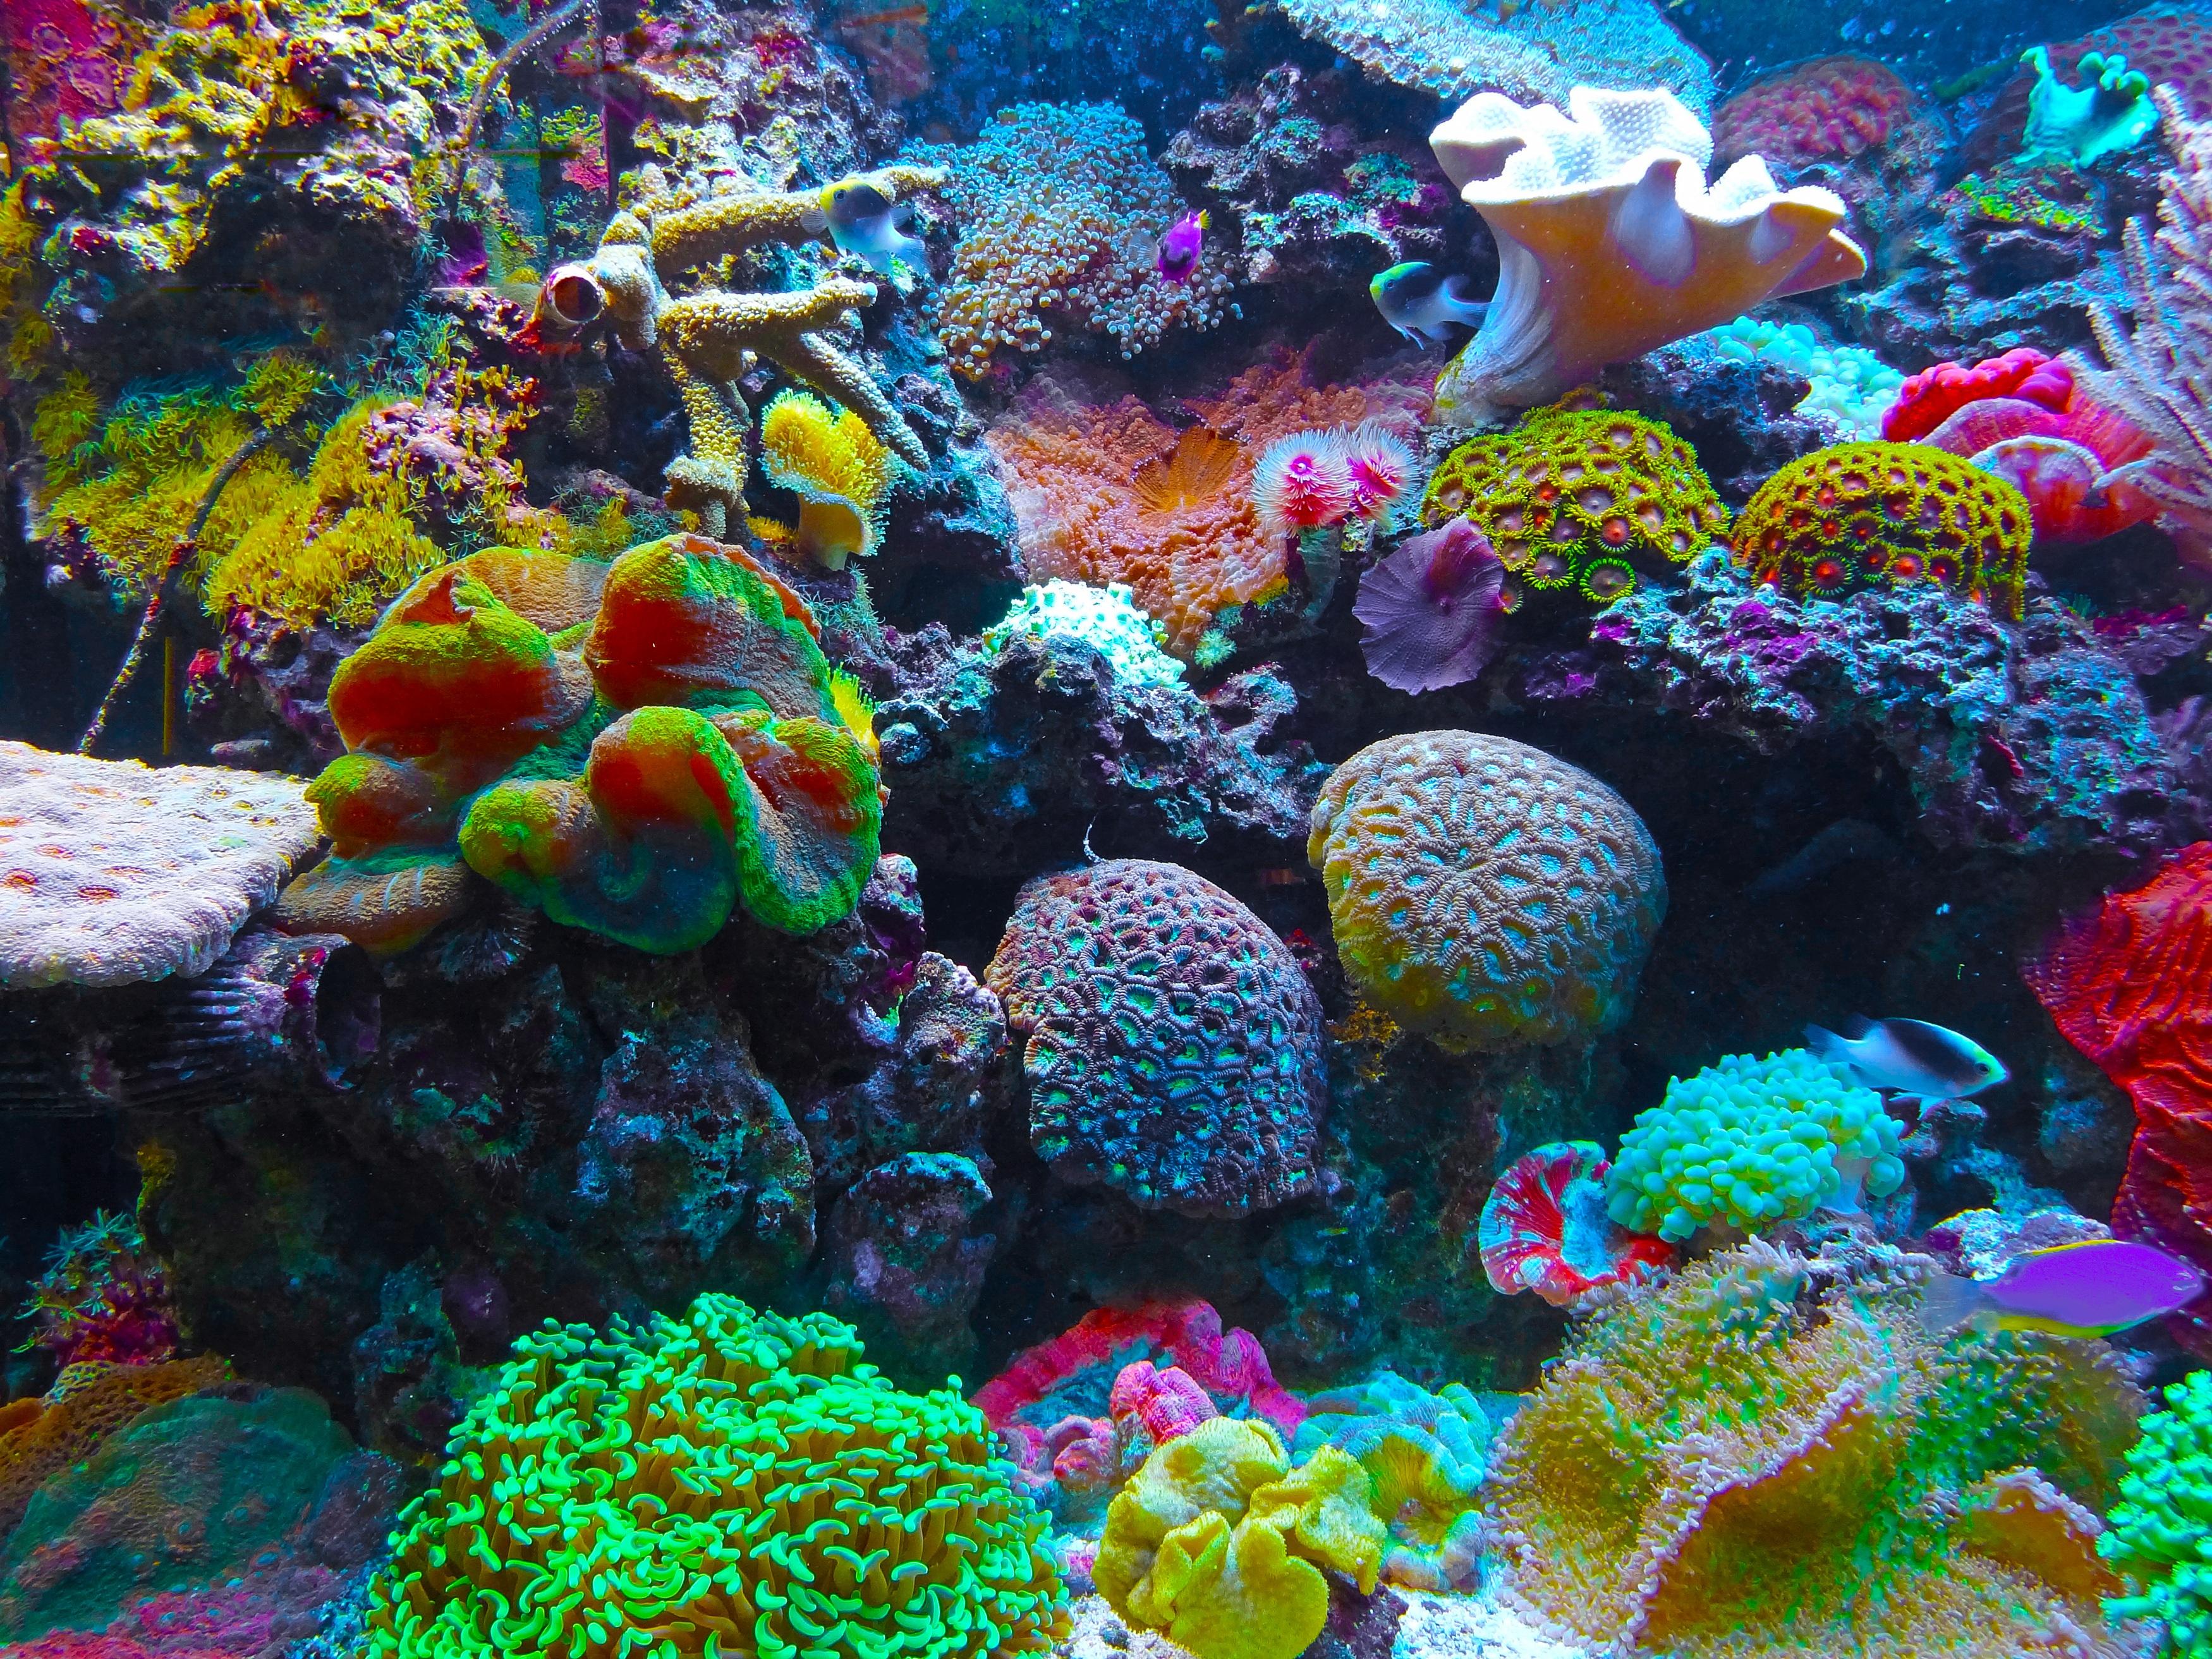 kostenlose foto meer biologie koralle korallenriff wirbellos riff lebensraum salzwasser. Black Bedroom Furniture Sets. Home Design Ideas